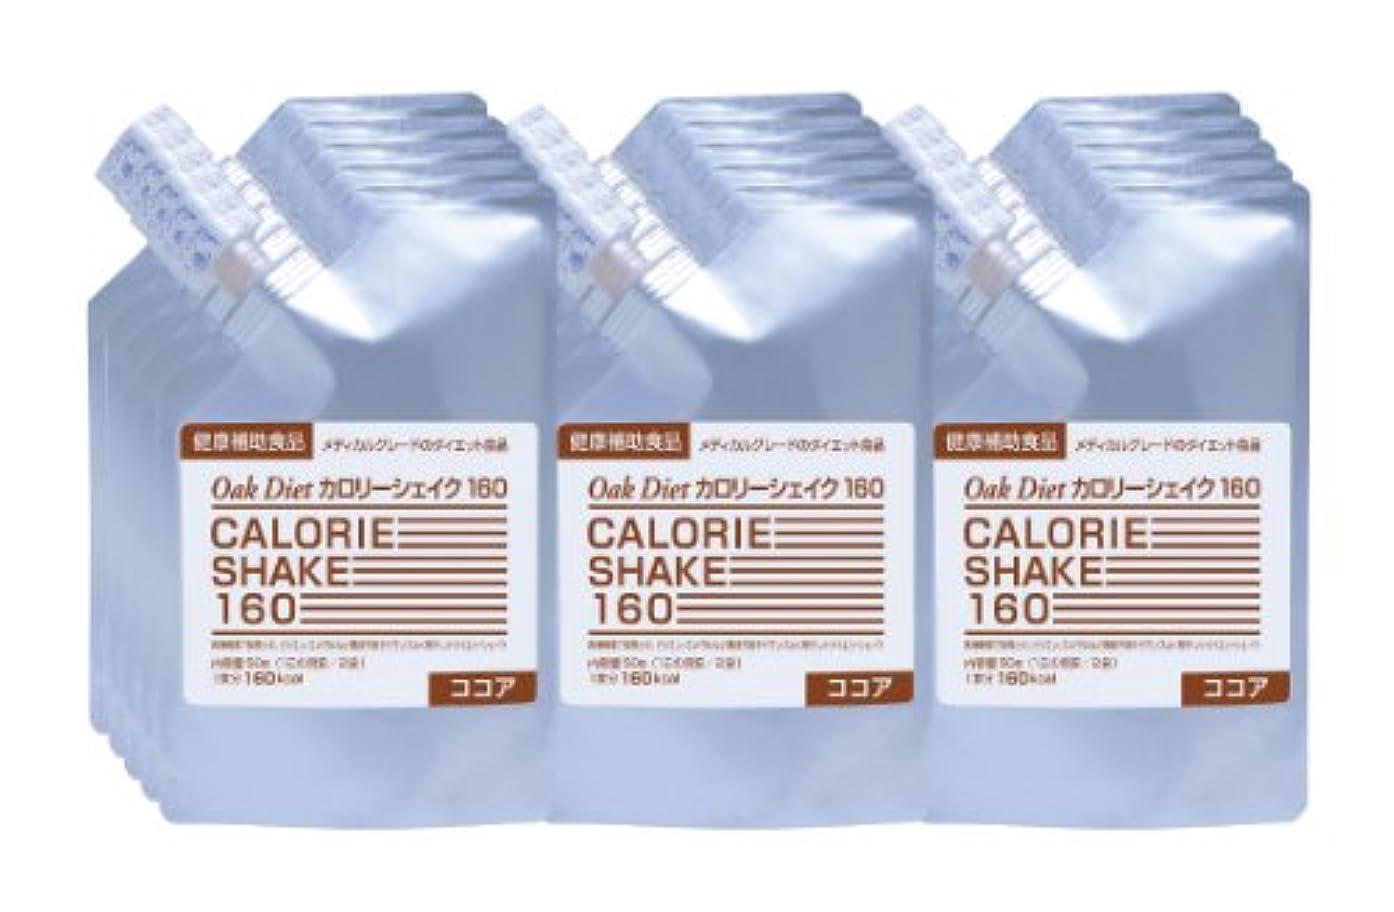 受け皿大陸そう【1食置き換えダイエット】Oak Diet カロリーシェイク160 ココアのみ15袋セット